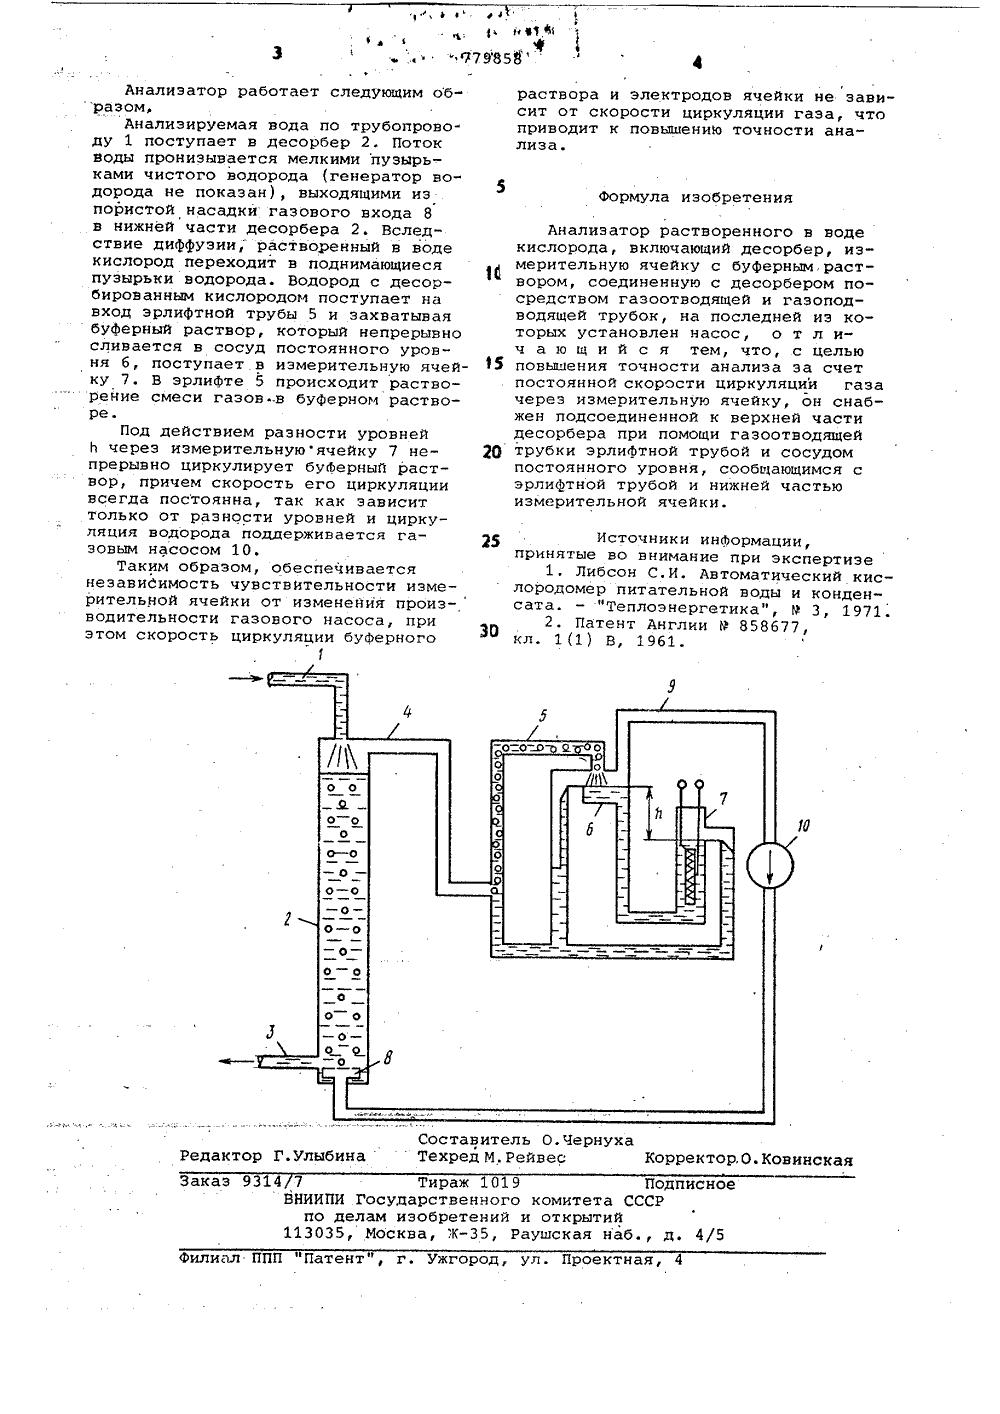 Схема анализатора кислорода